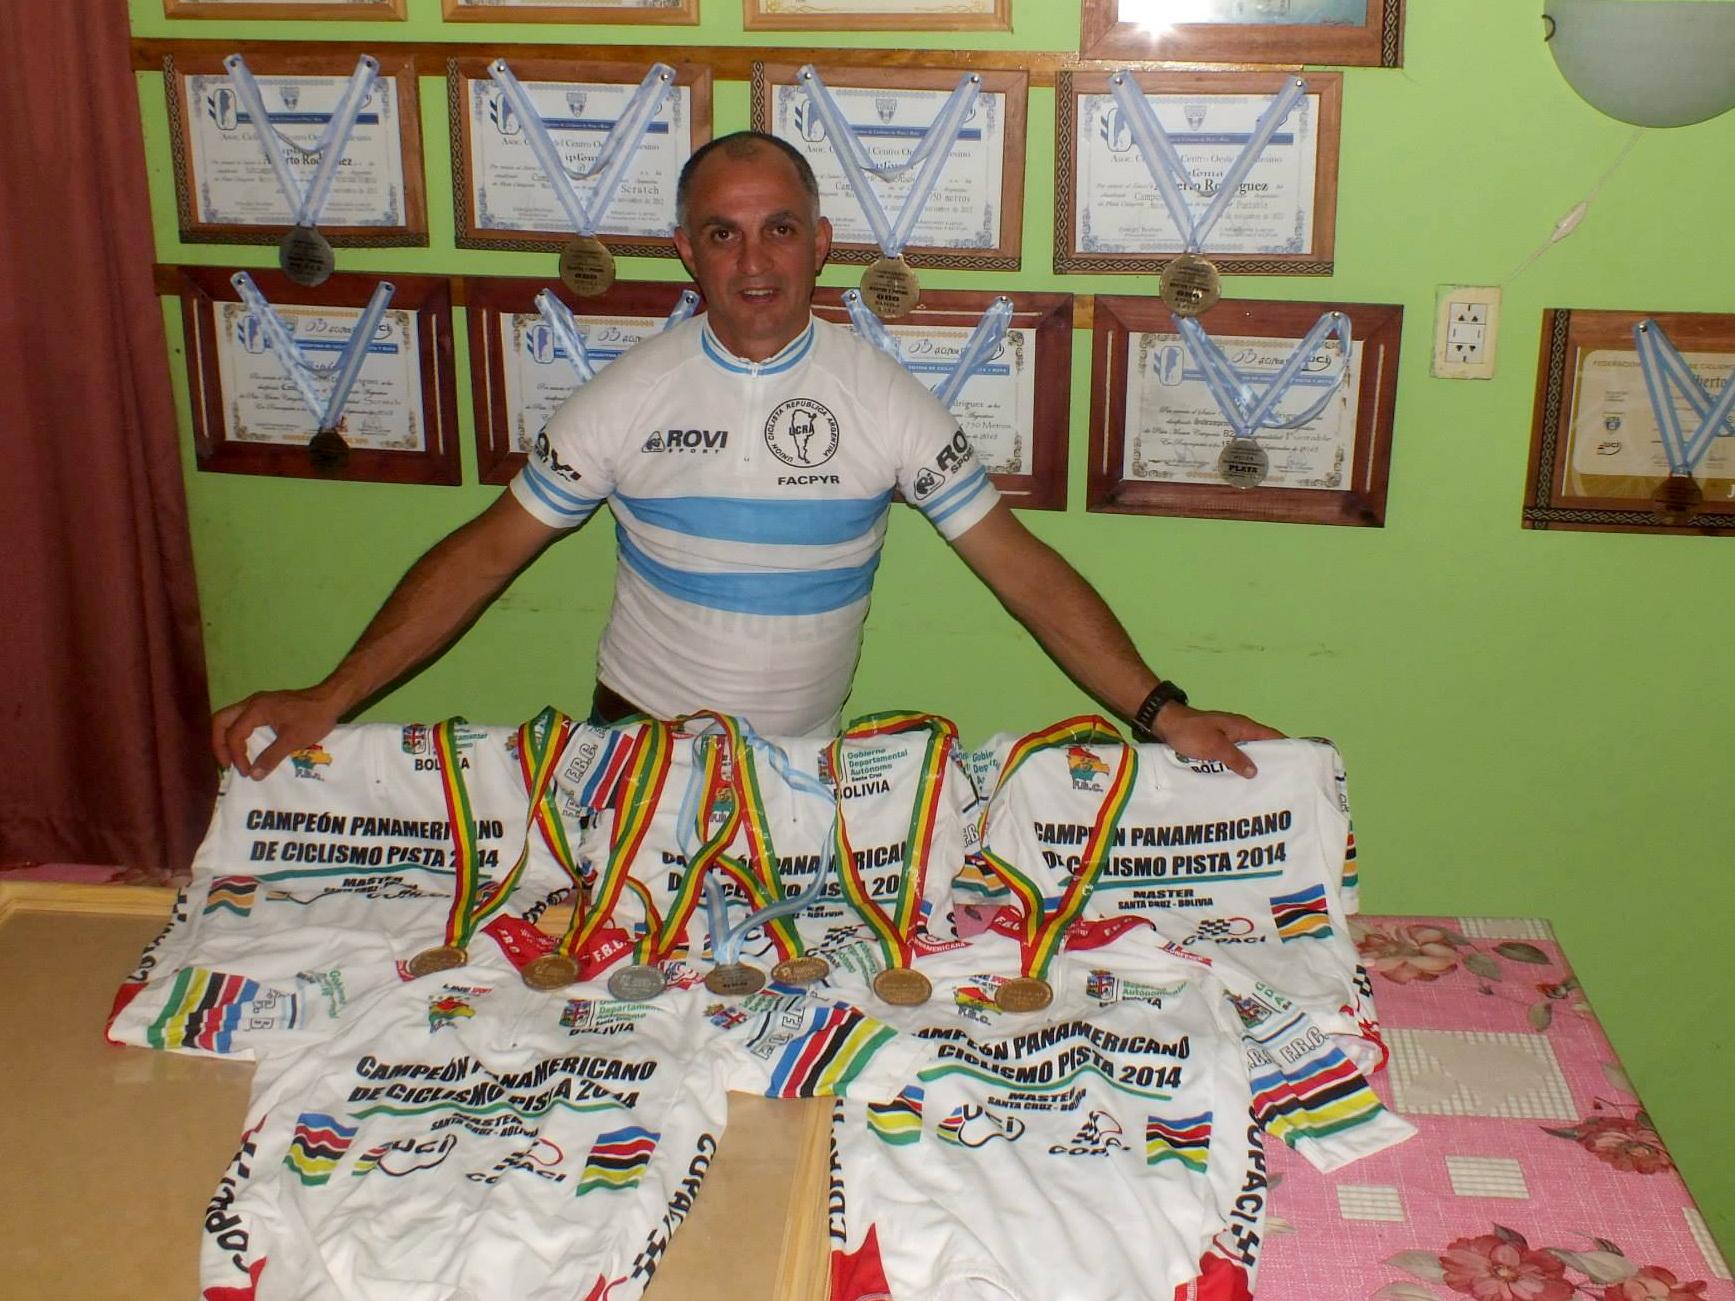 Daniel Rodríguez posa con sus camisetas y medallas.